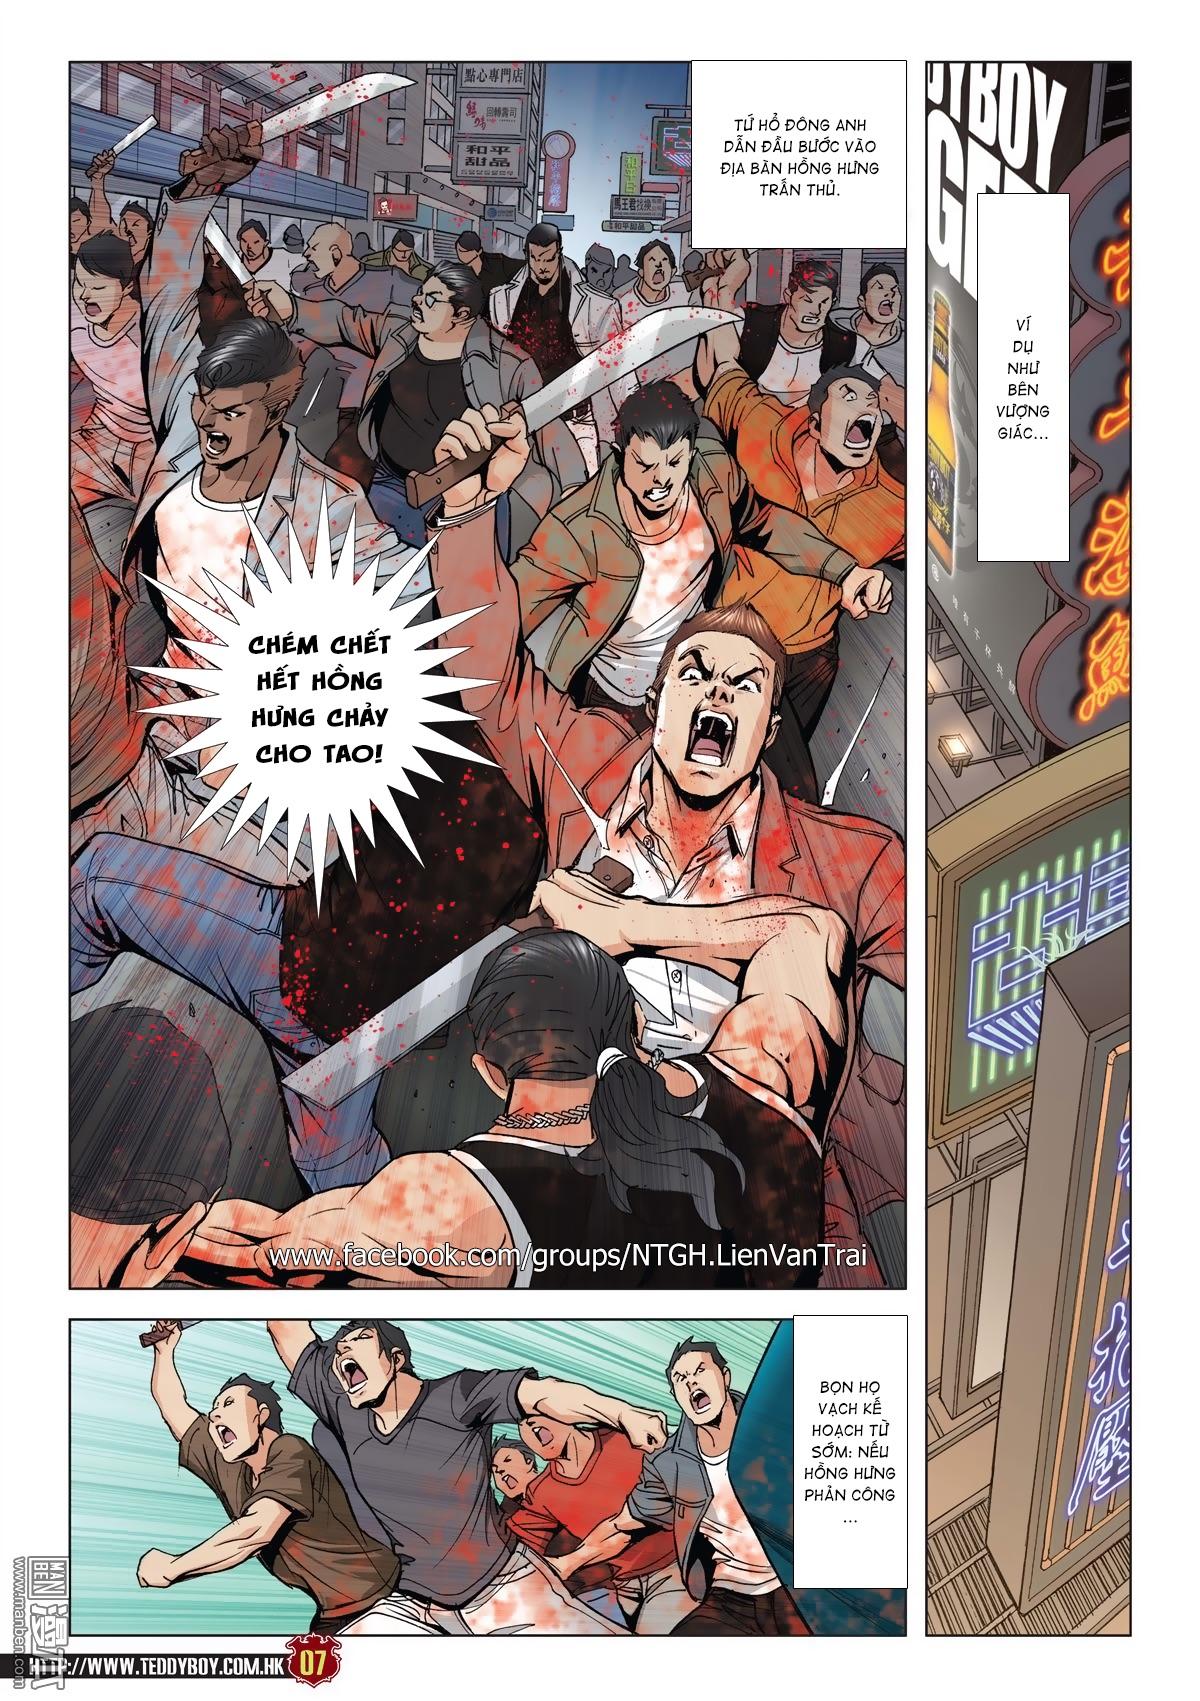 Người Trong Giang Hồ chapter 2015: tọa sơn hổ vs đại phạn trang 4